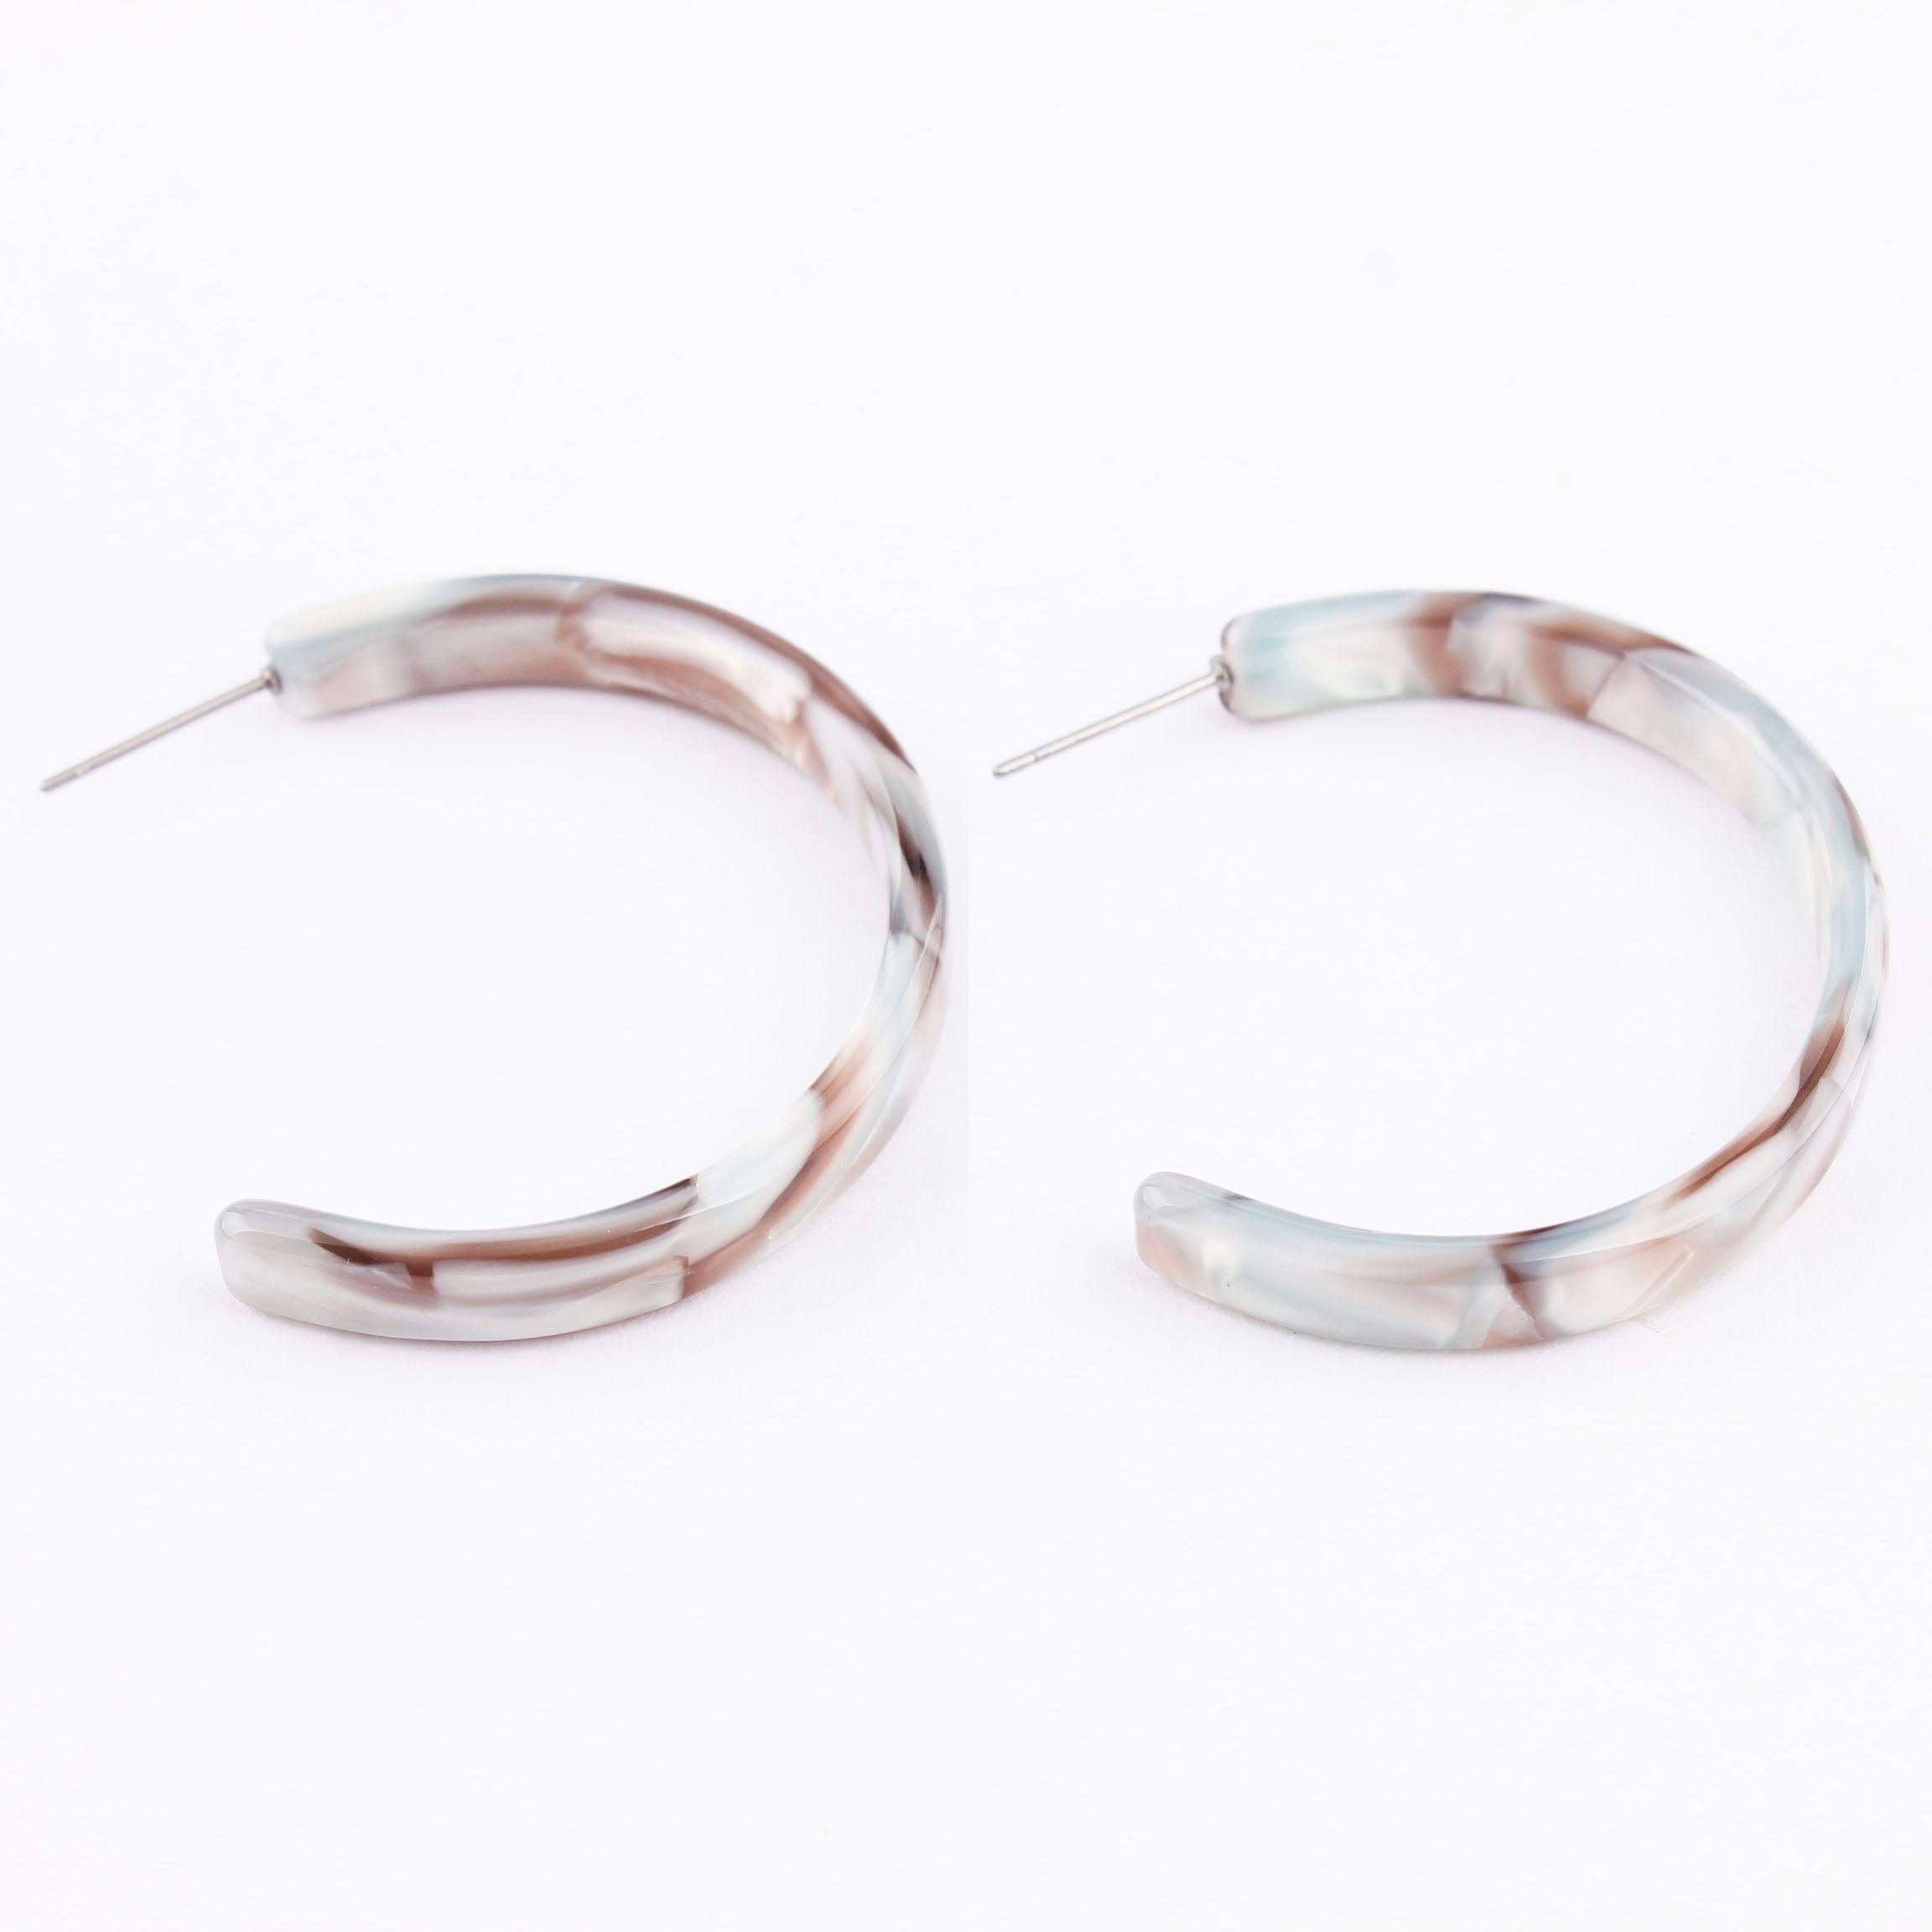 Cheap Dangling Cross Hoop Earrings Wholesale Gold Heart Shaped Hoop Earrings 0094f3b7e7b1